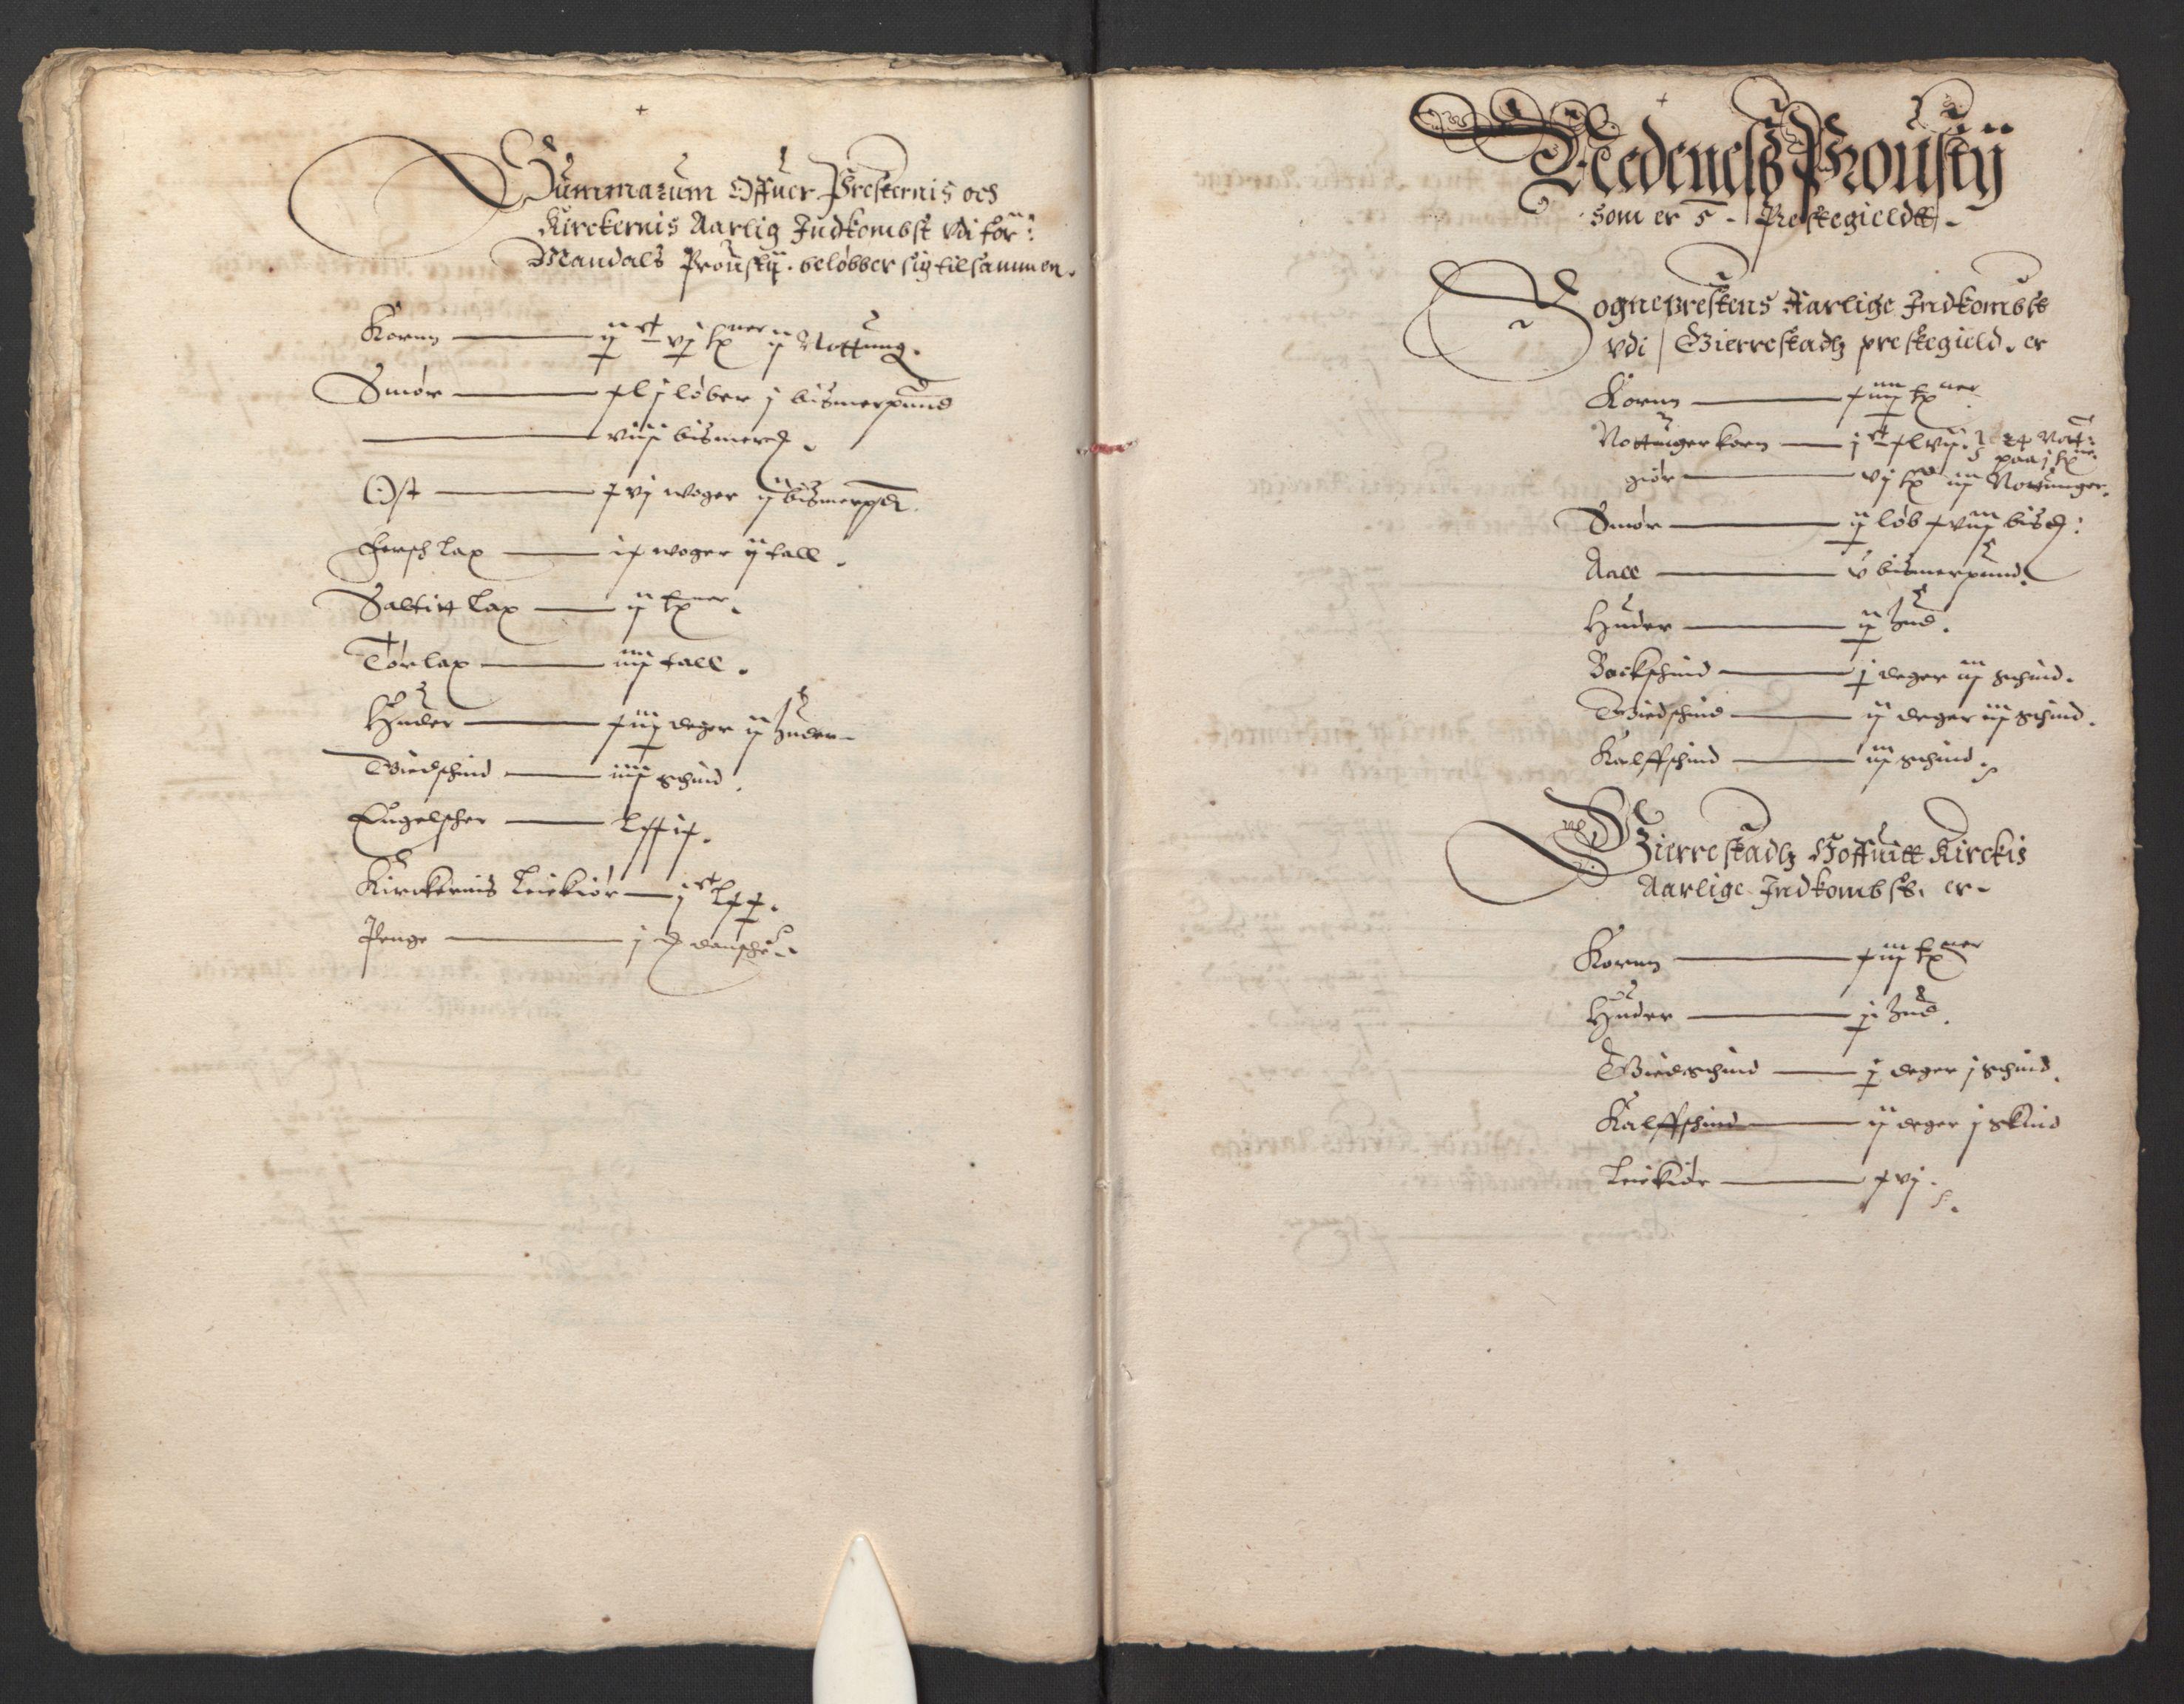 RA, Stattholderembetet 1572-1771, Ek/L0014: Jordebøker til utlikning av rosstjeneste 1624-1626:, 1625, s. 27